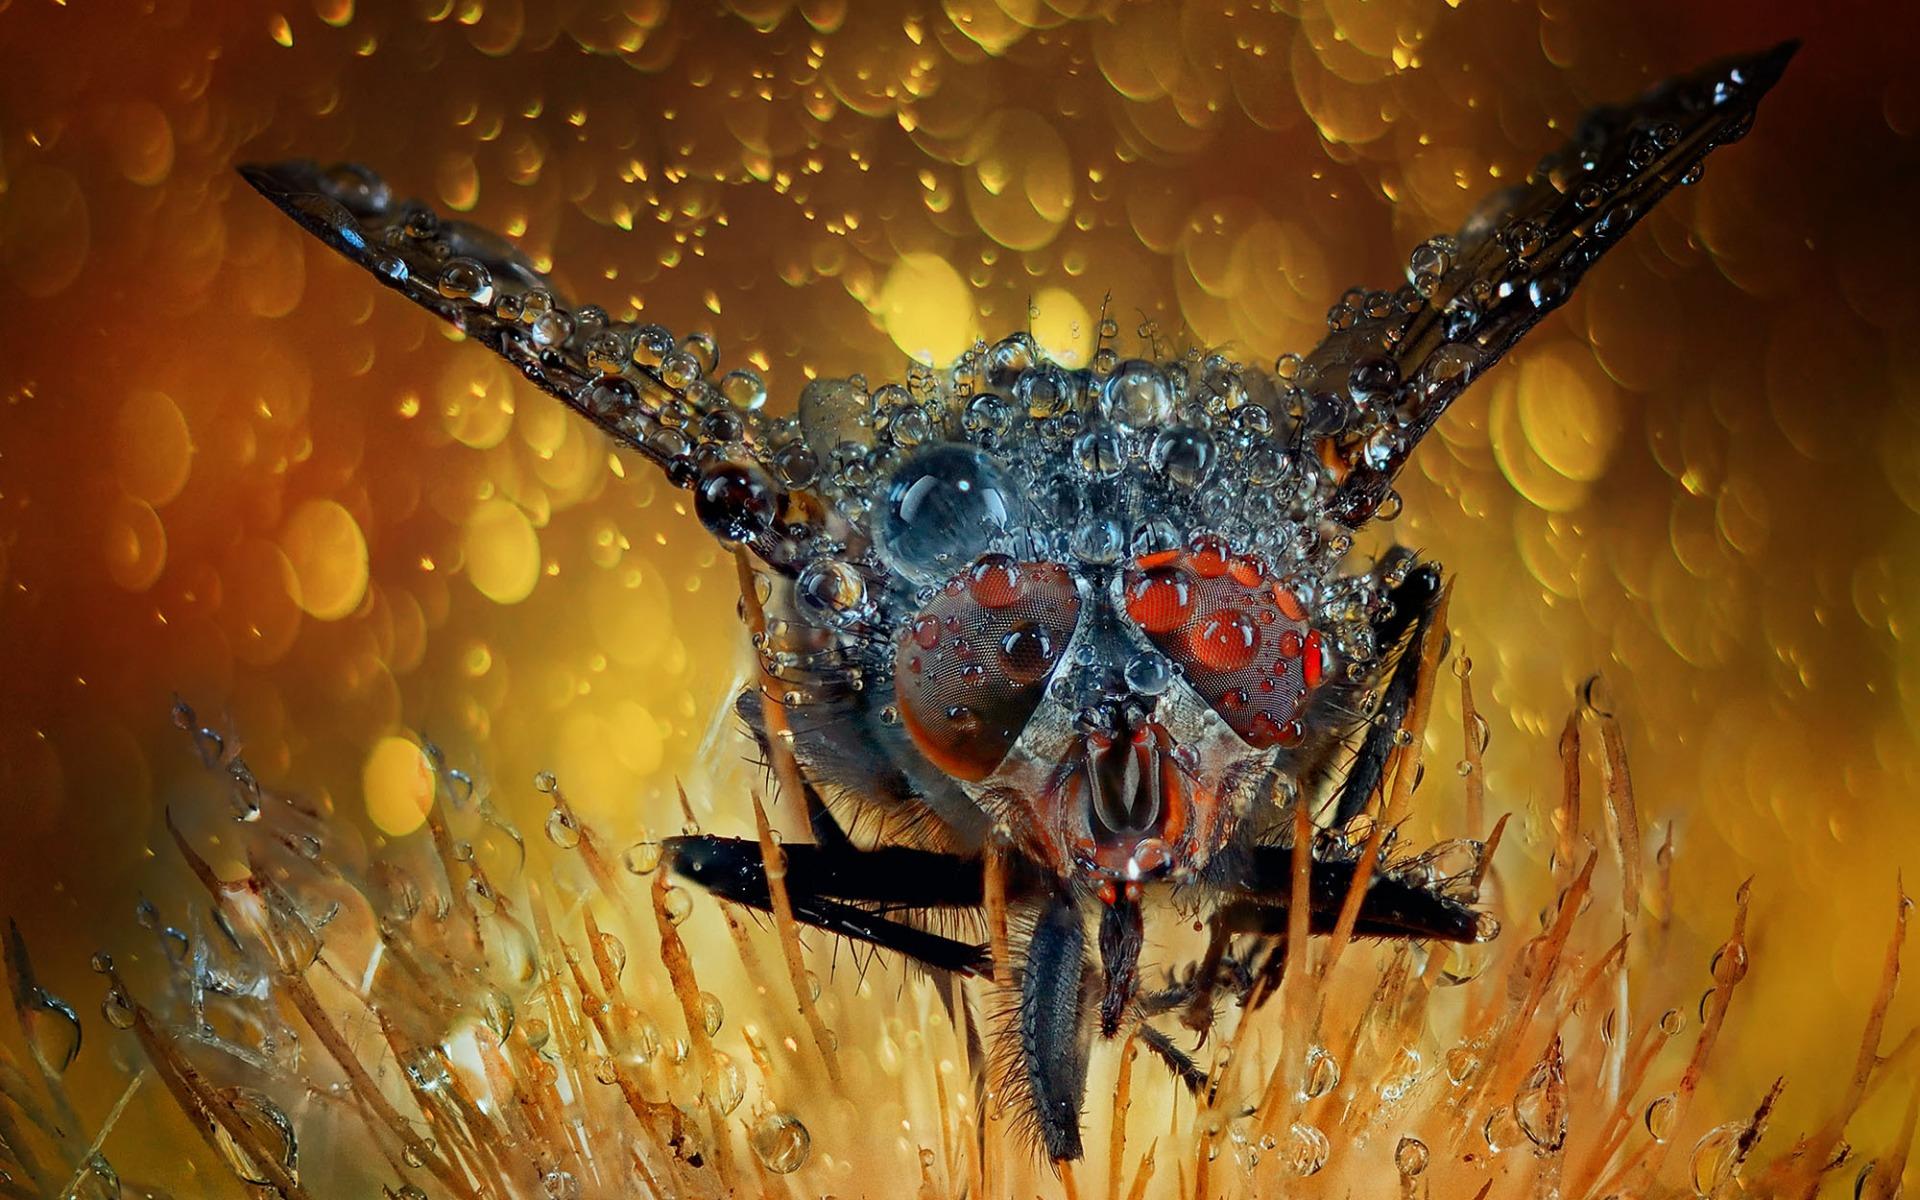 муха, глаза, крылья